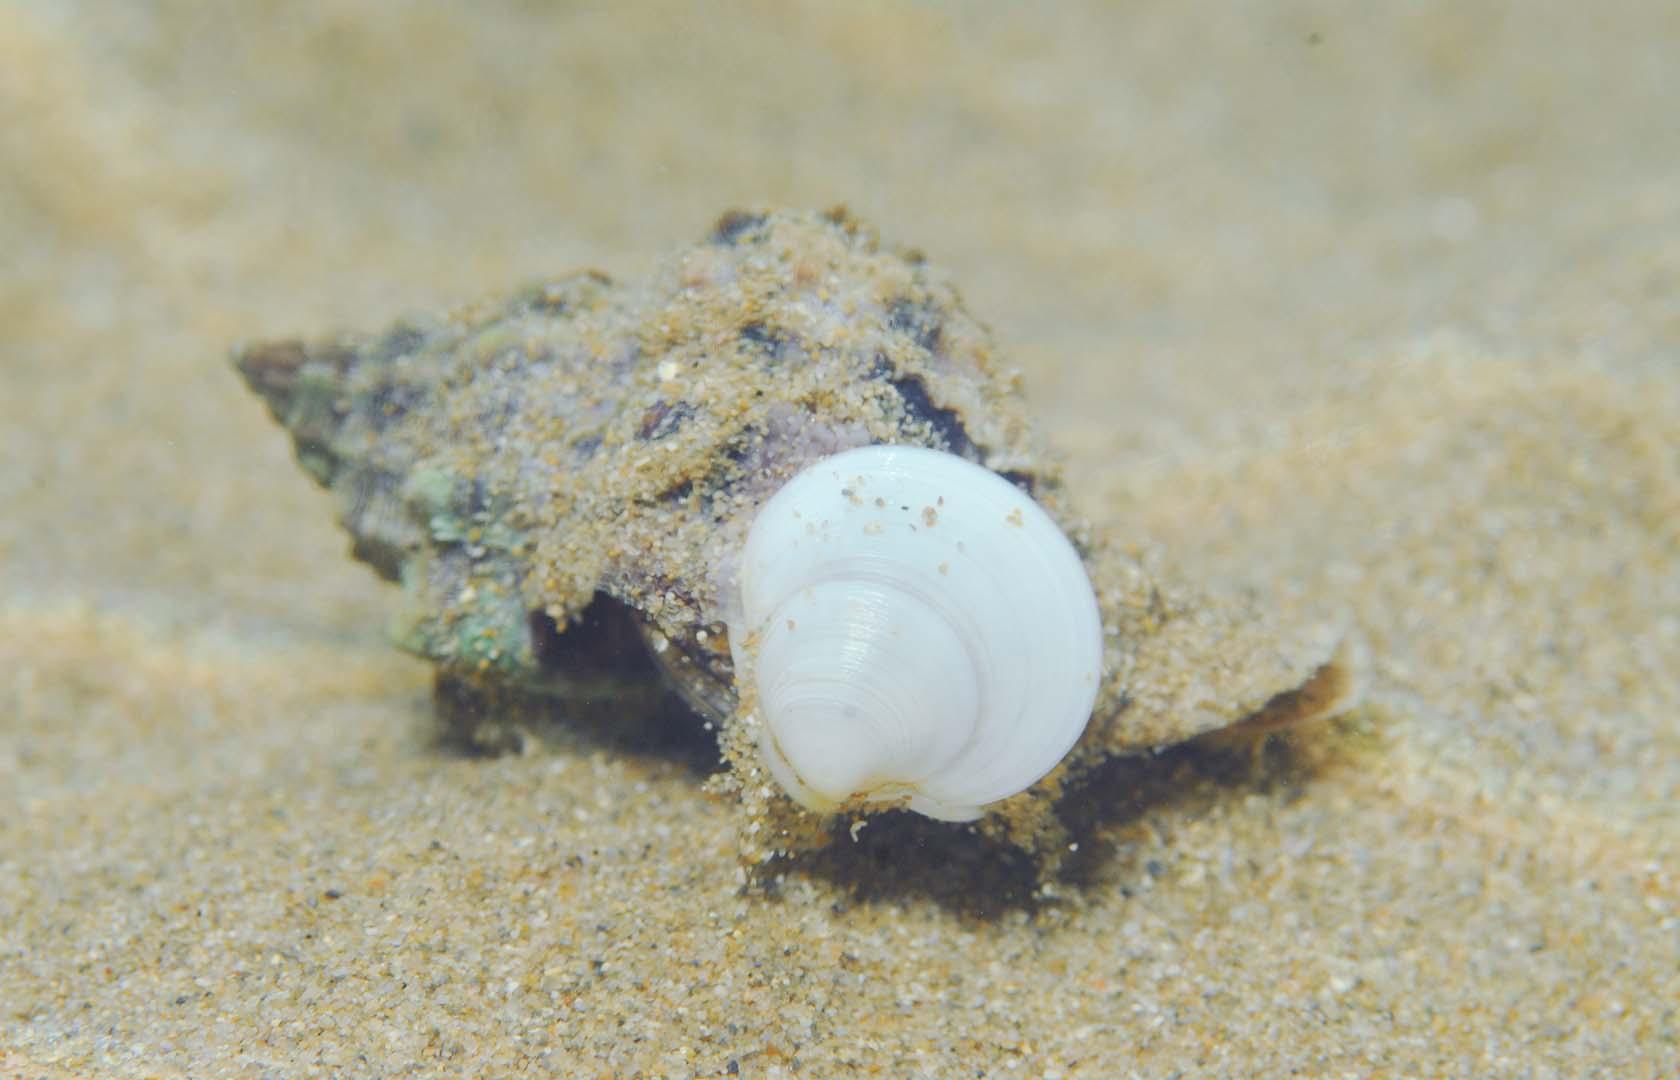 Ejemplar devorado por una caracola Hexaplex trunculus.